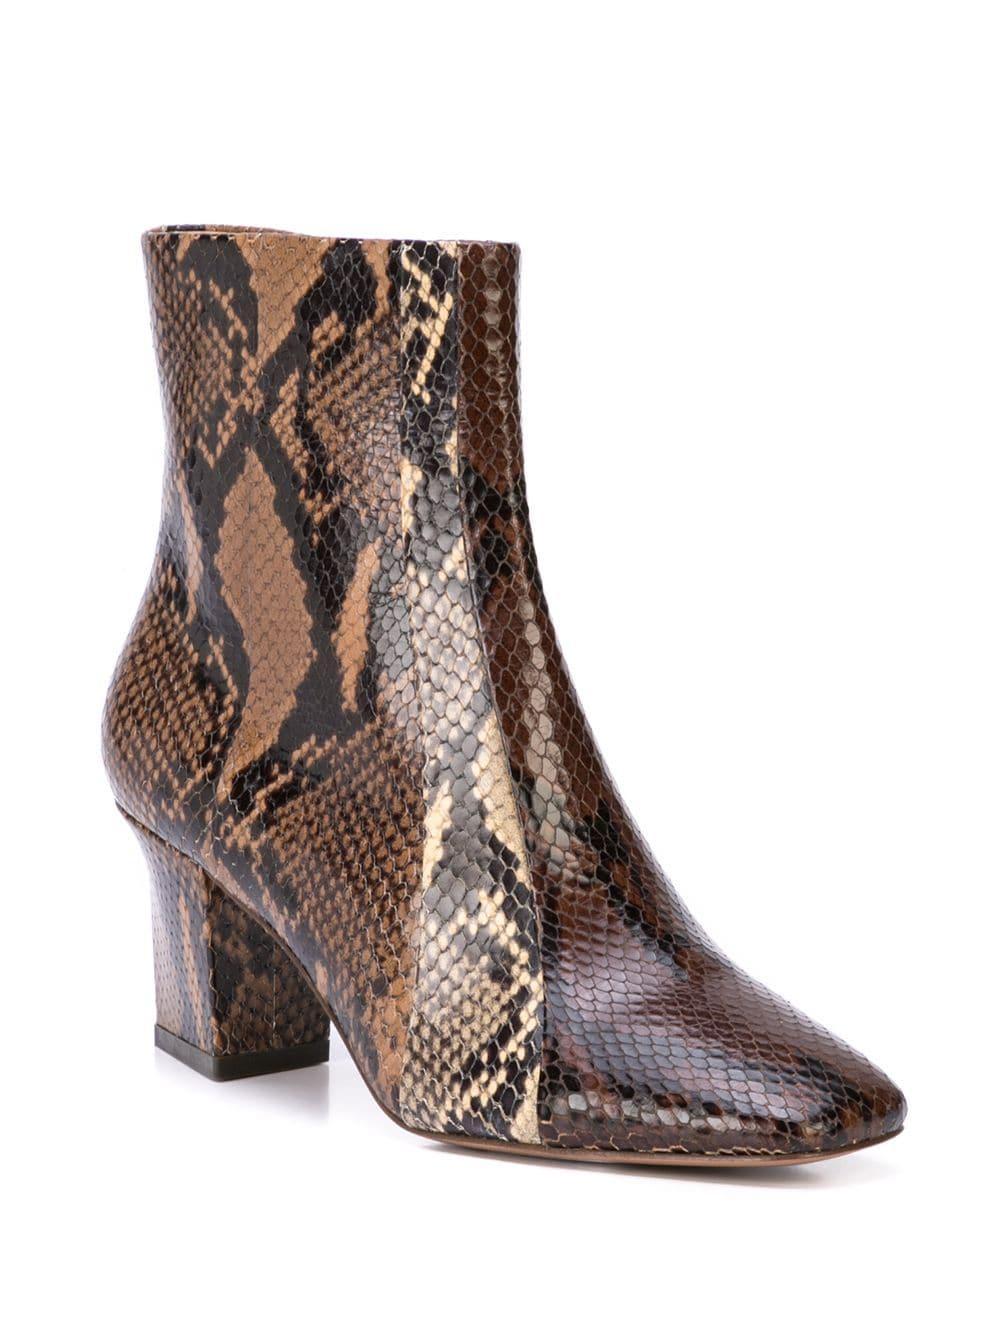 Botines con efecto de piel de serpiente Veronica Beard de Cuero de color Marrón